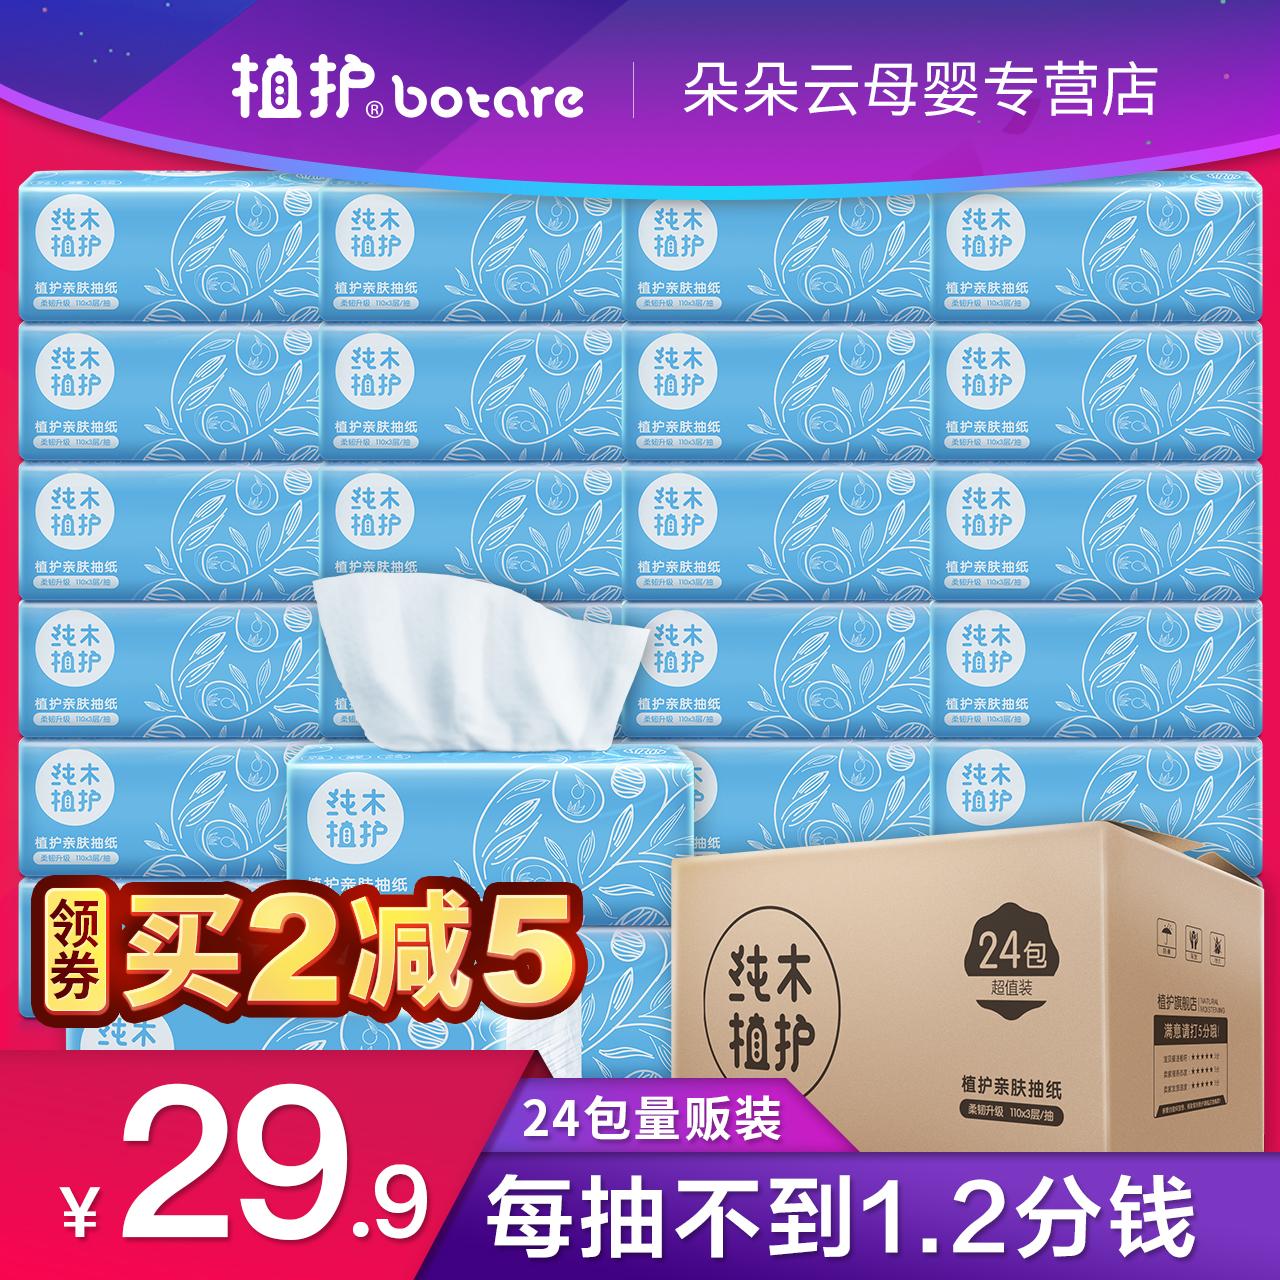 Завод защищать войти насосные 24 пакет полная загрузка контейнера (fcl) оптовая торговля бумажные полотенца ребенок домой тряпка для мытья посуды бумага семья еда полотенце бумага здравоохранения бумага